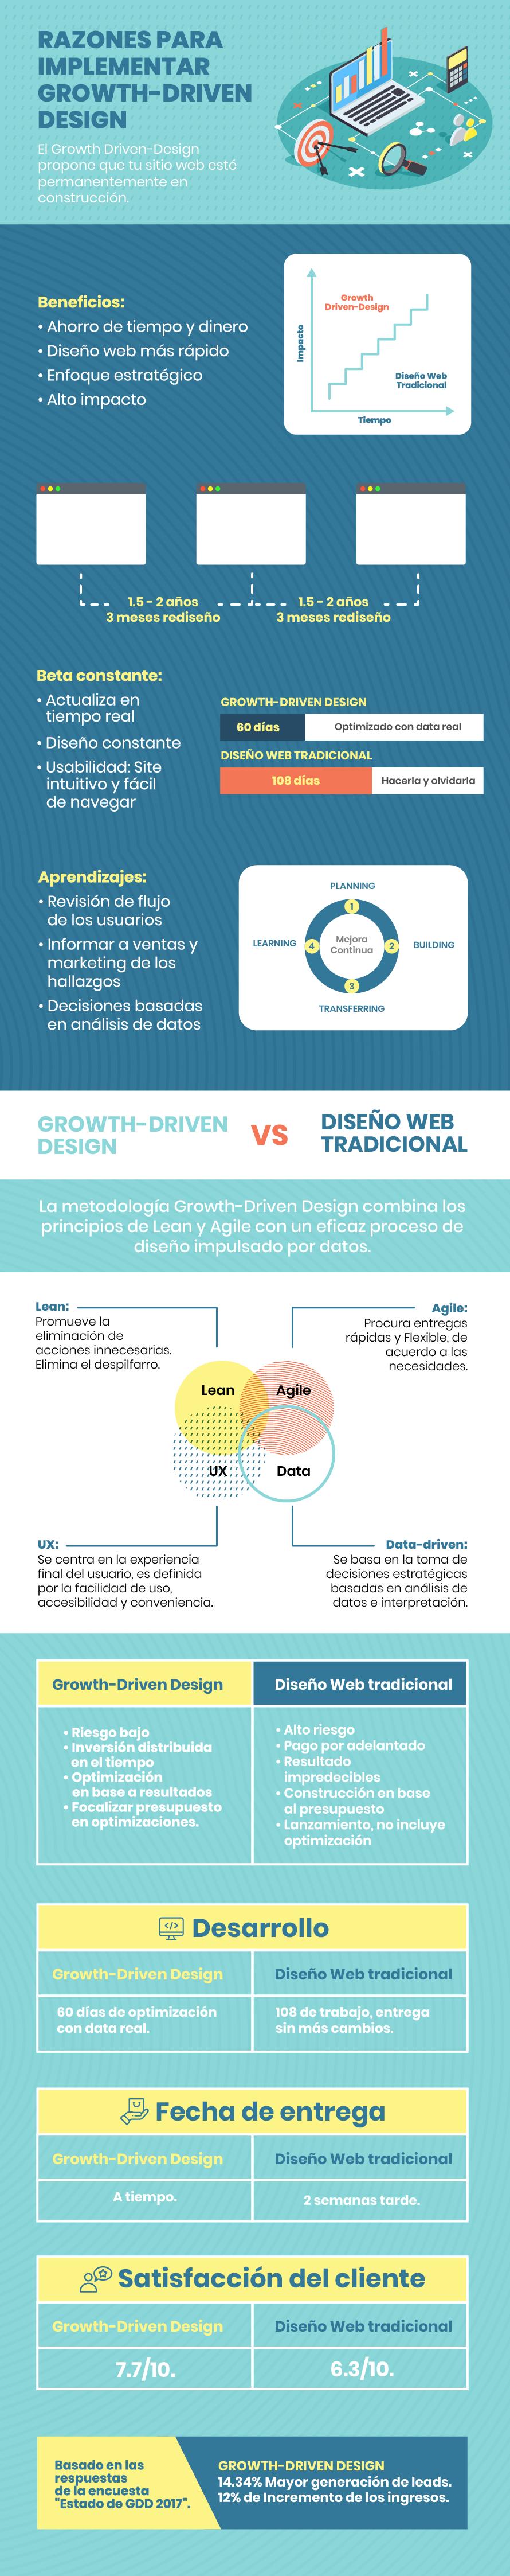 infografía - Razones para implementar GDD